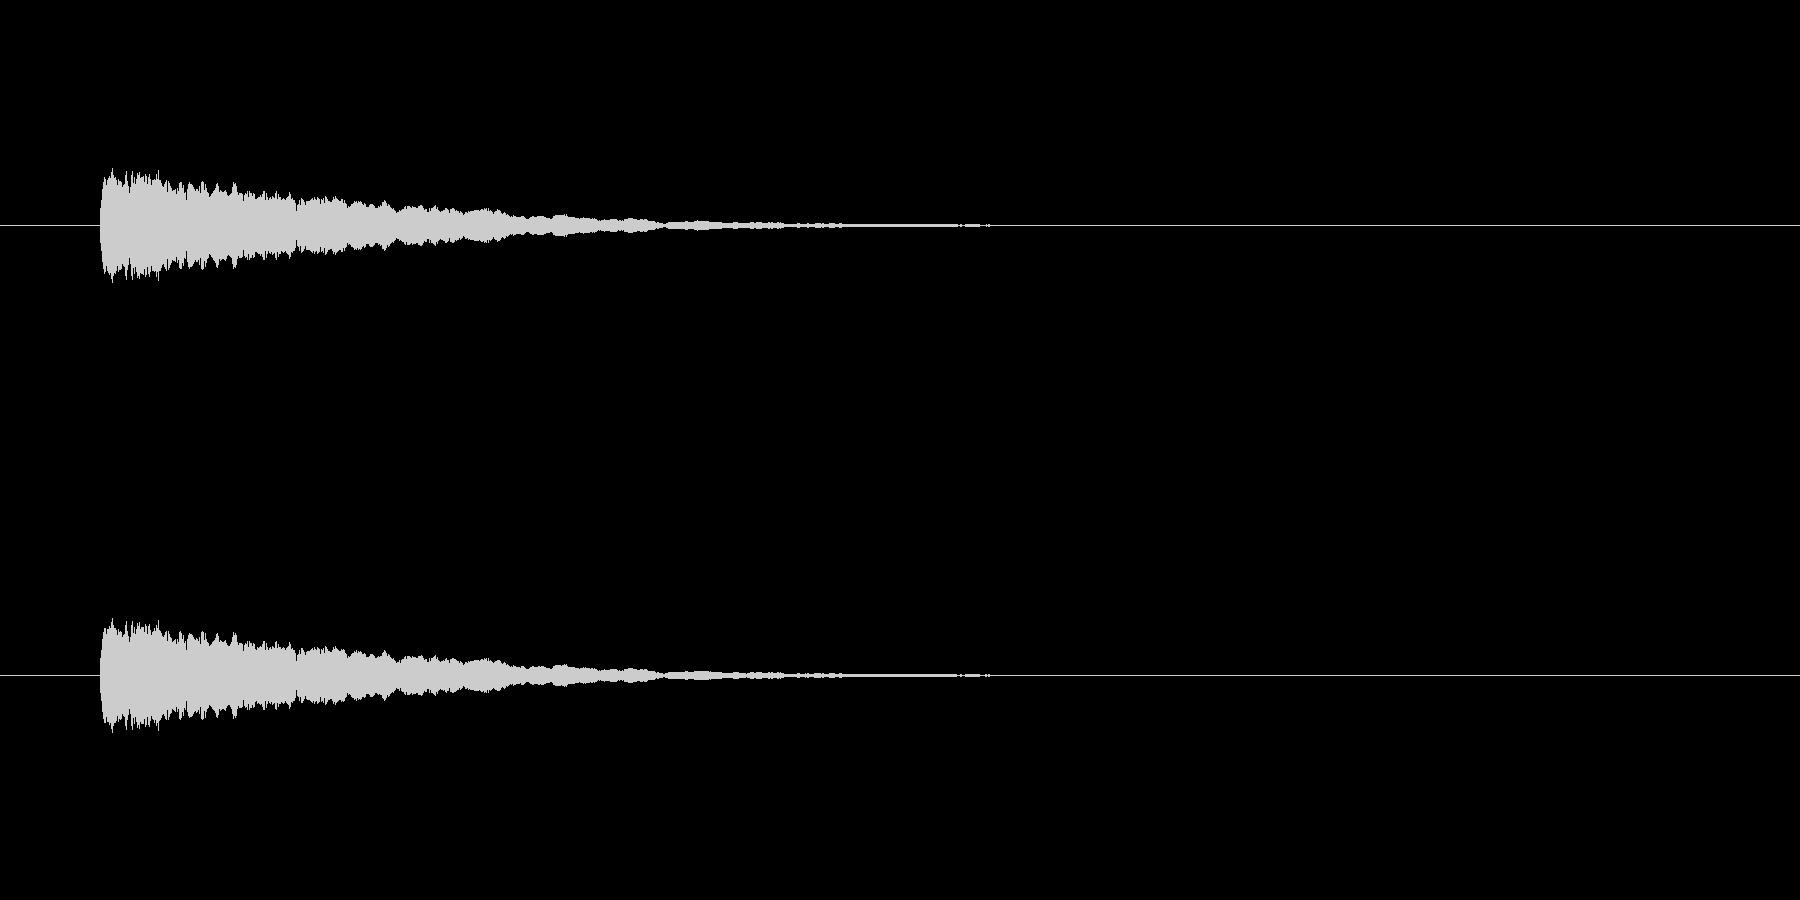 【ひらめき07-1】の未再生の波形